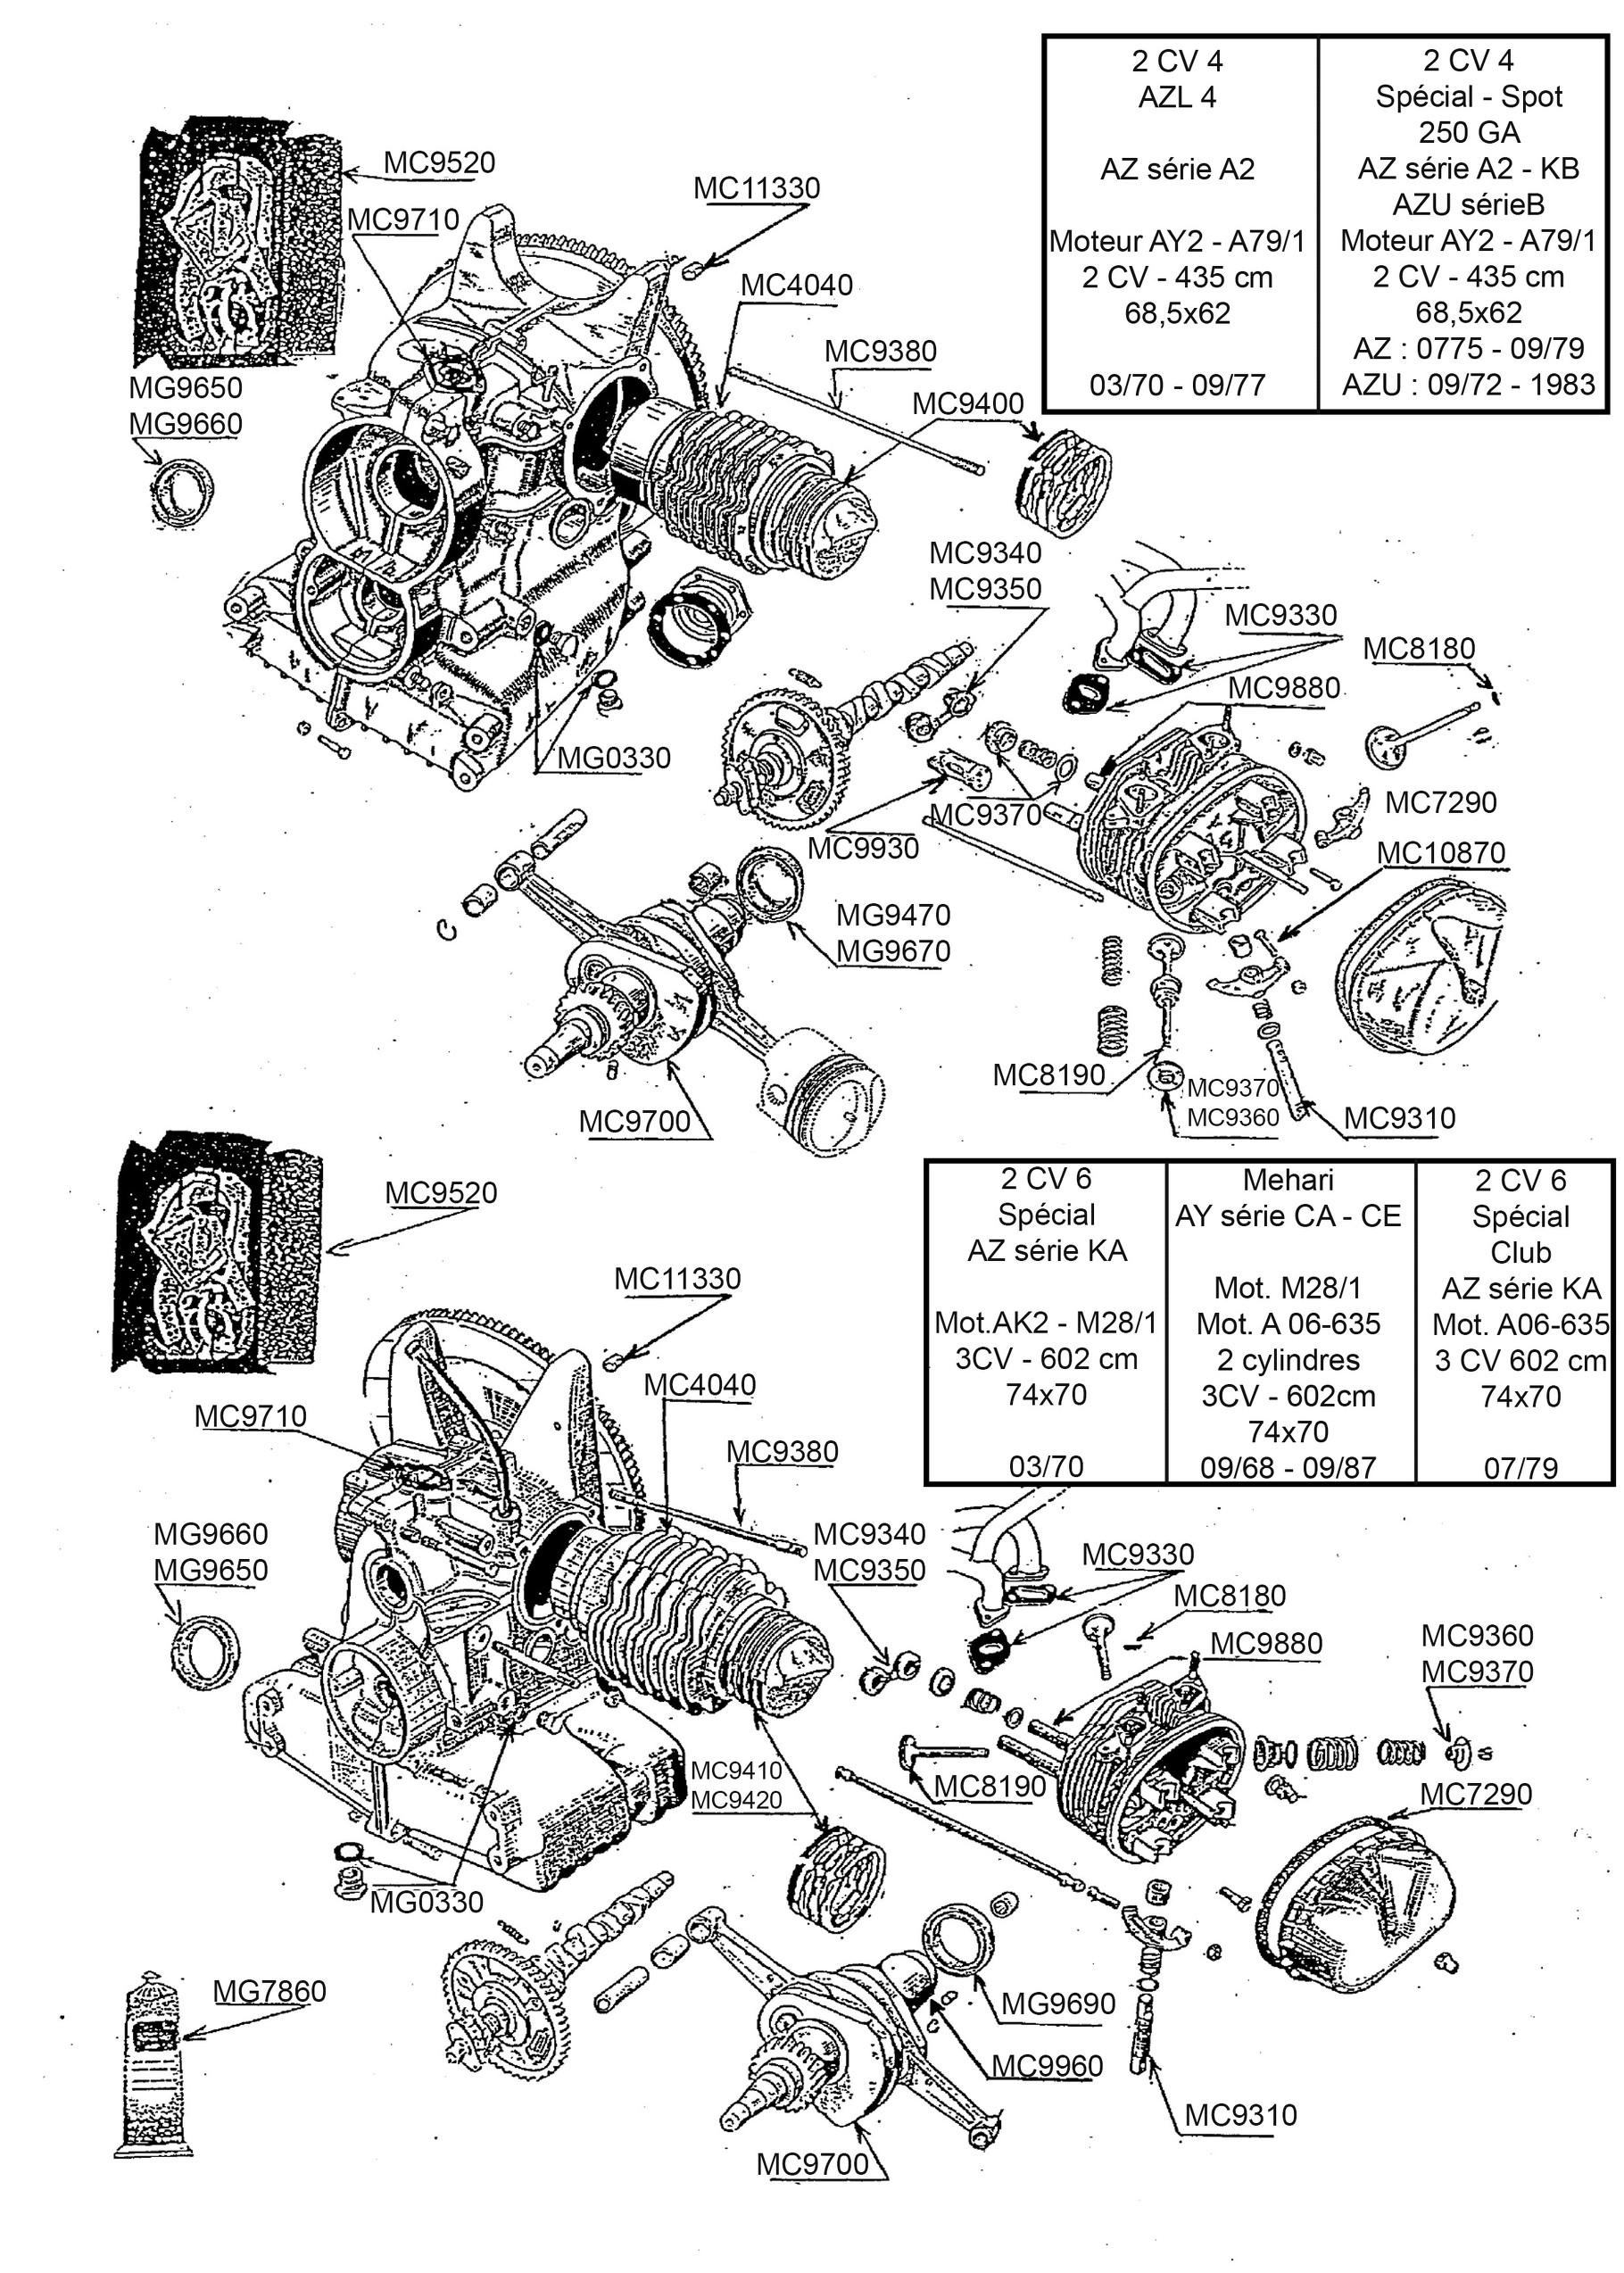 moteur 435 cm3 et 602 cm3